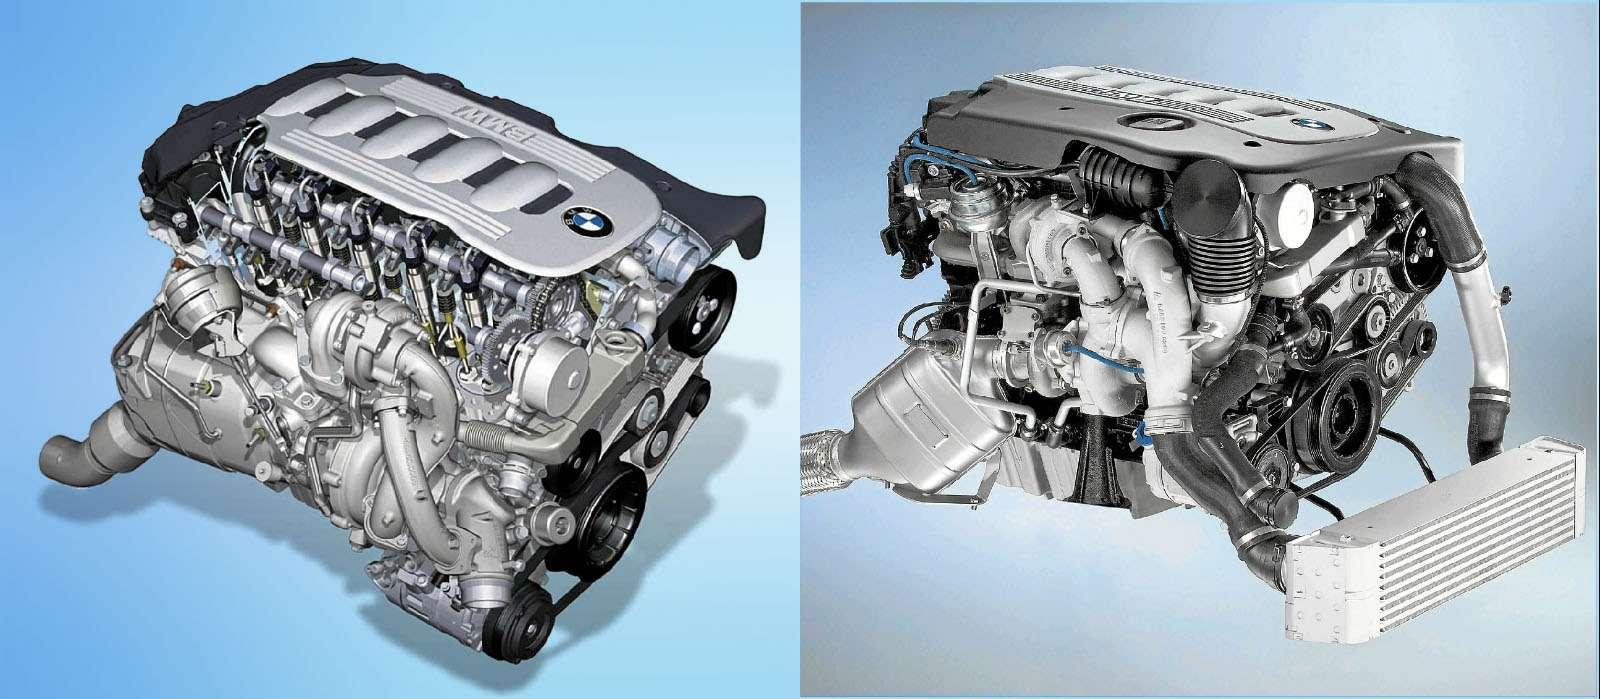 Вторичный рынок: изучаем слабые места BMW 5-й серии— фото 600207